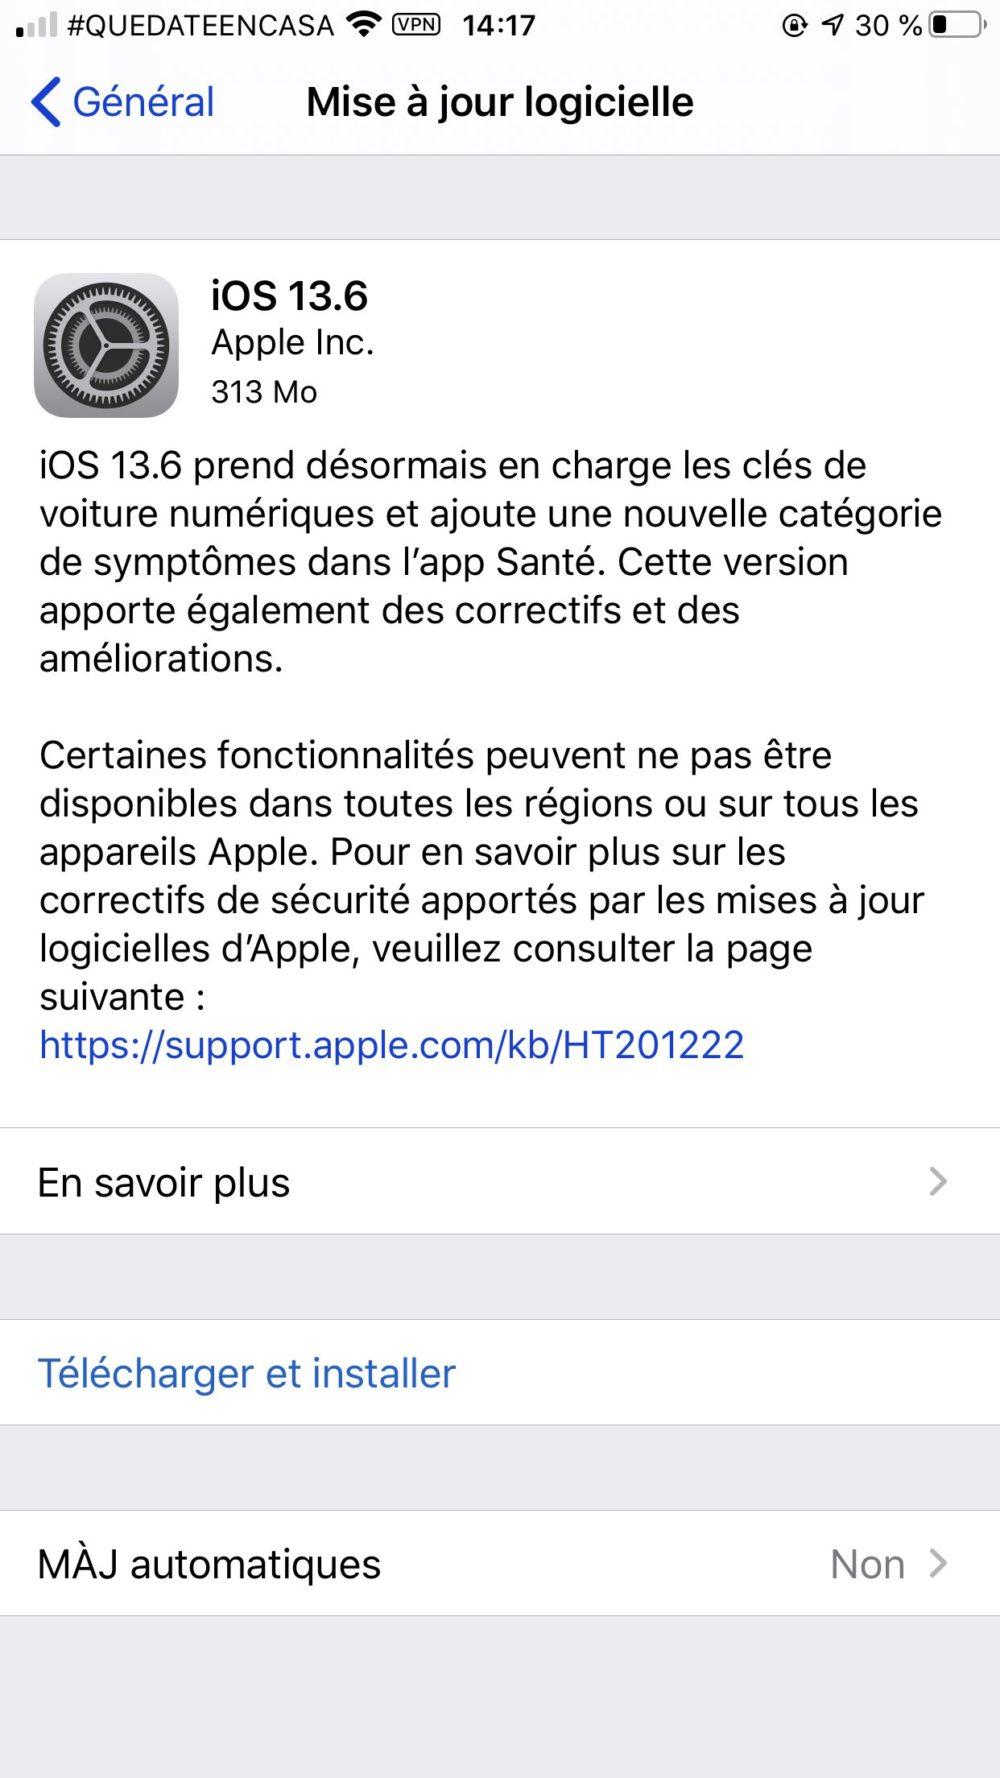 iOS 13.6 iPadOS 13.6 Version Finale iOS 13.6 et iPadOS 13.6 : la version finale est disponible au téléchargement